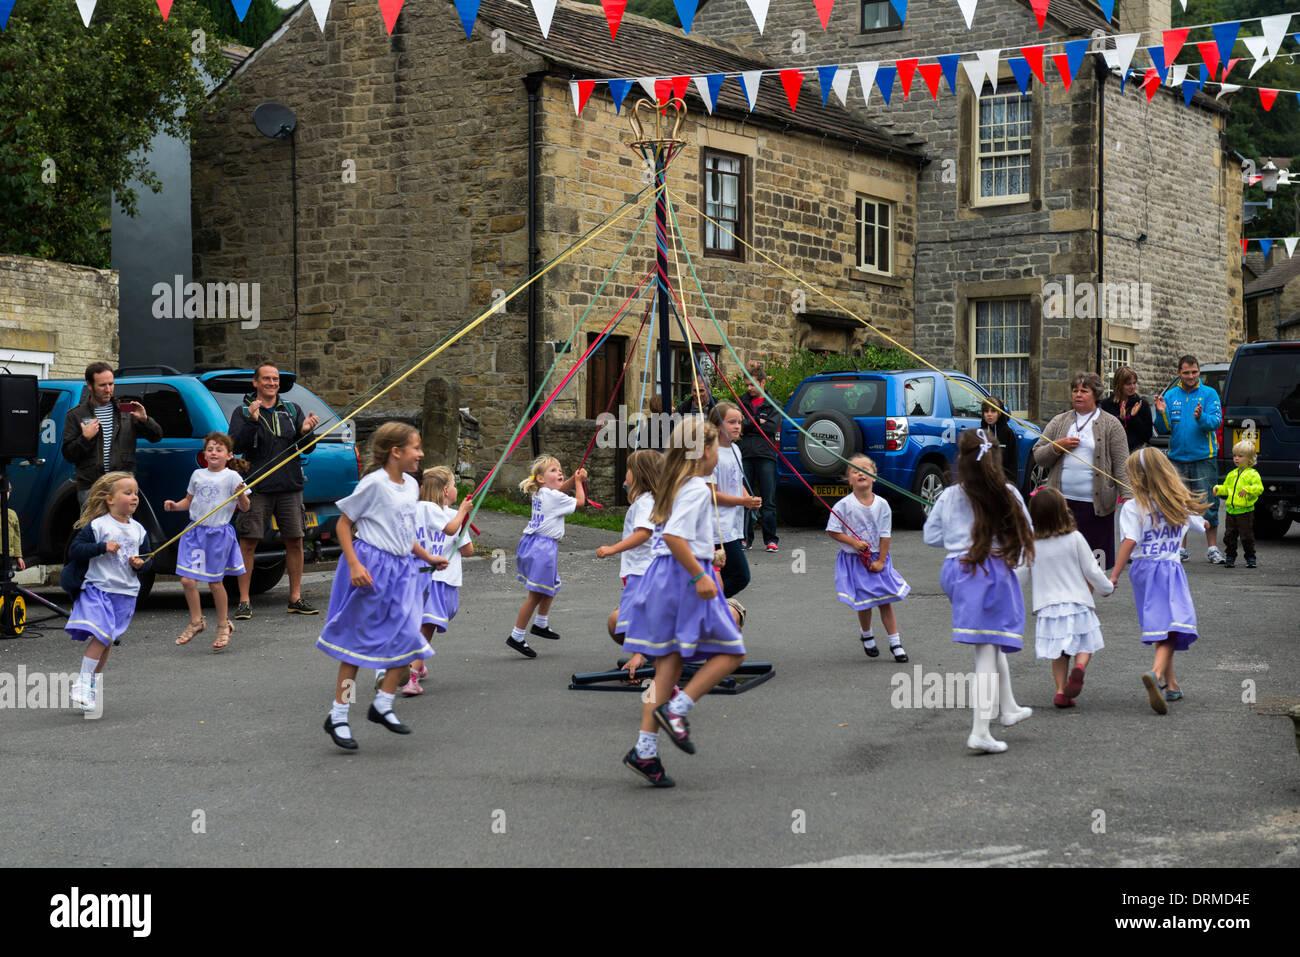 Junge Schüler/Mädchen tanzen um einen Maibaum während Fasnachtswoche in Derbyshire Dorf Eyam Peak District Englands Stockbild